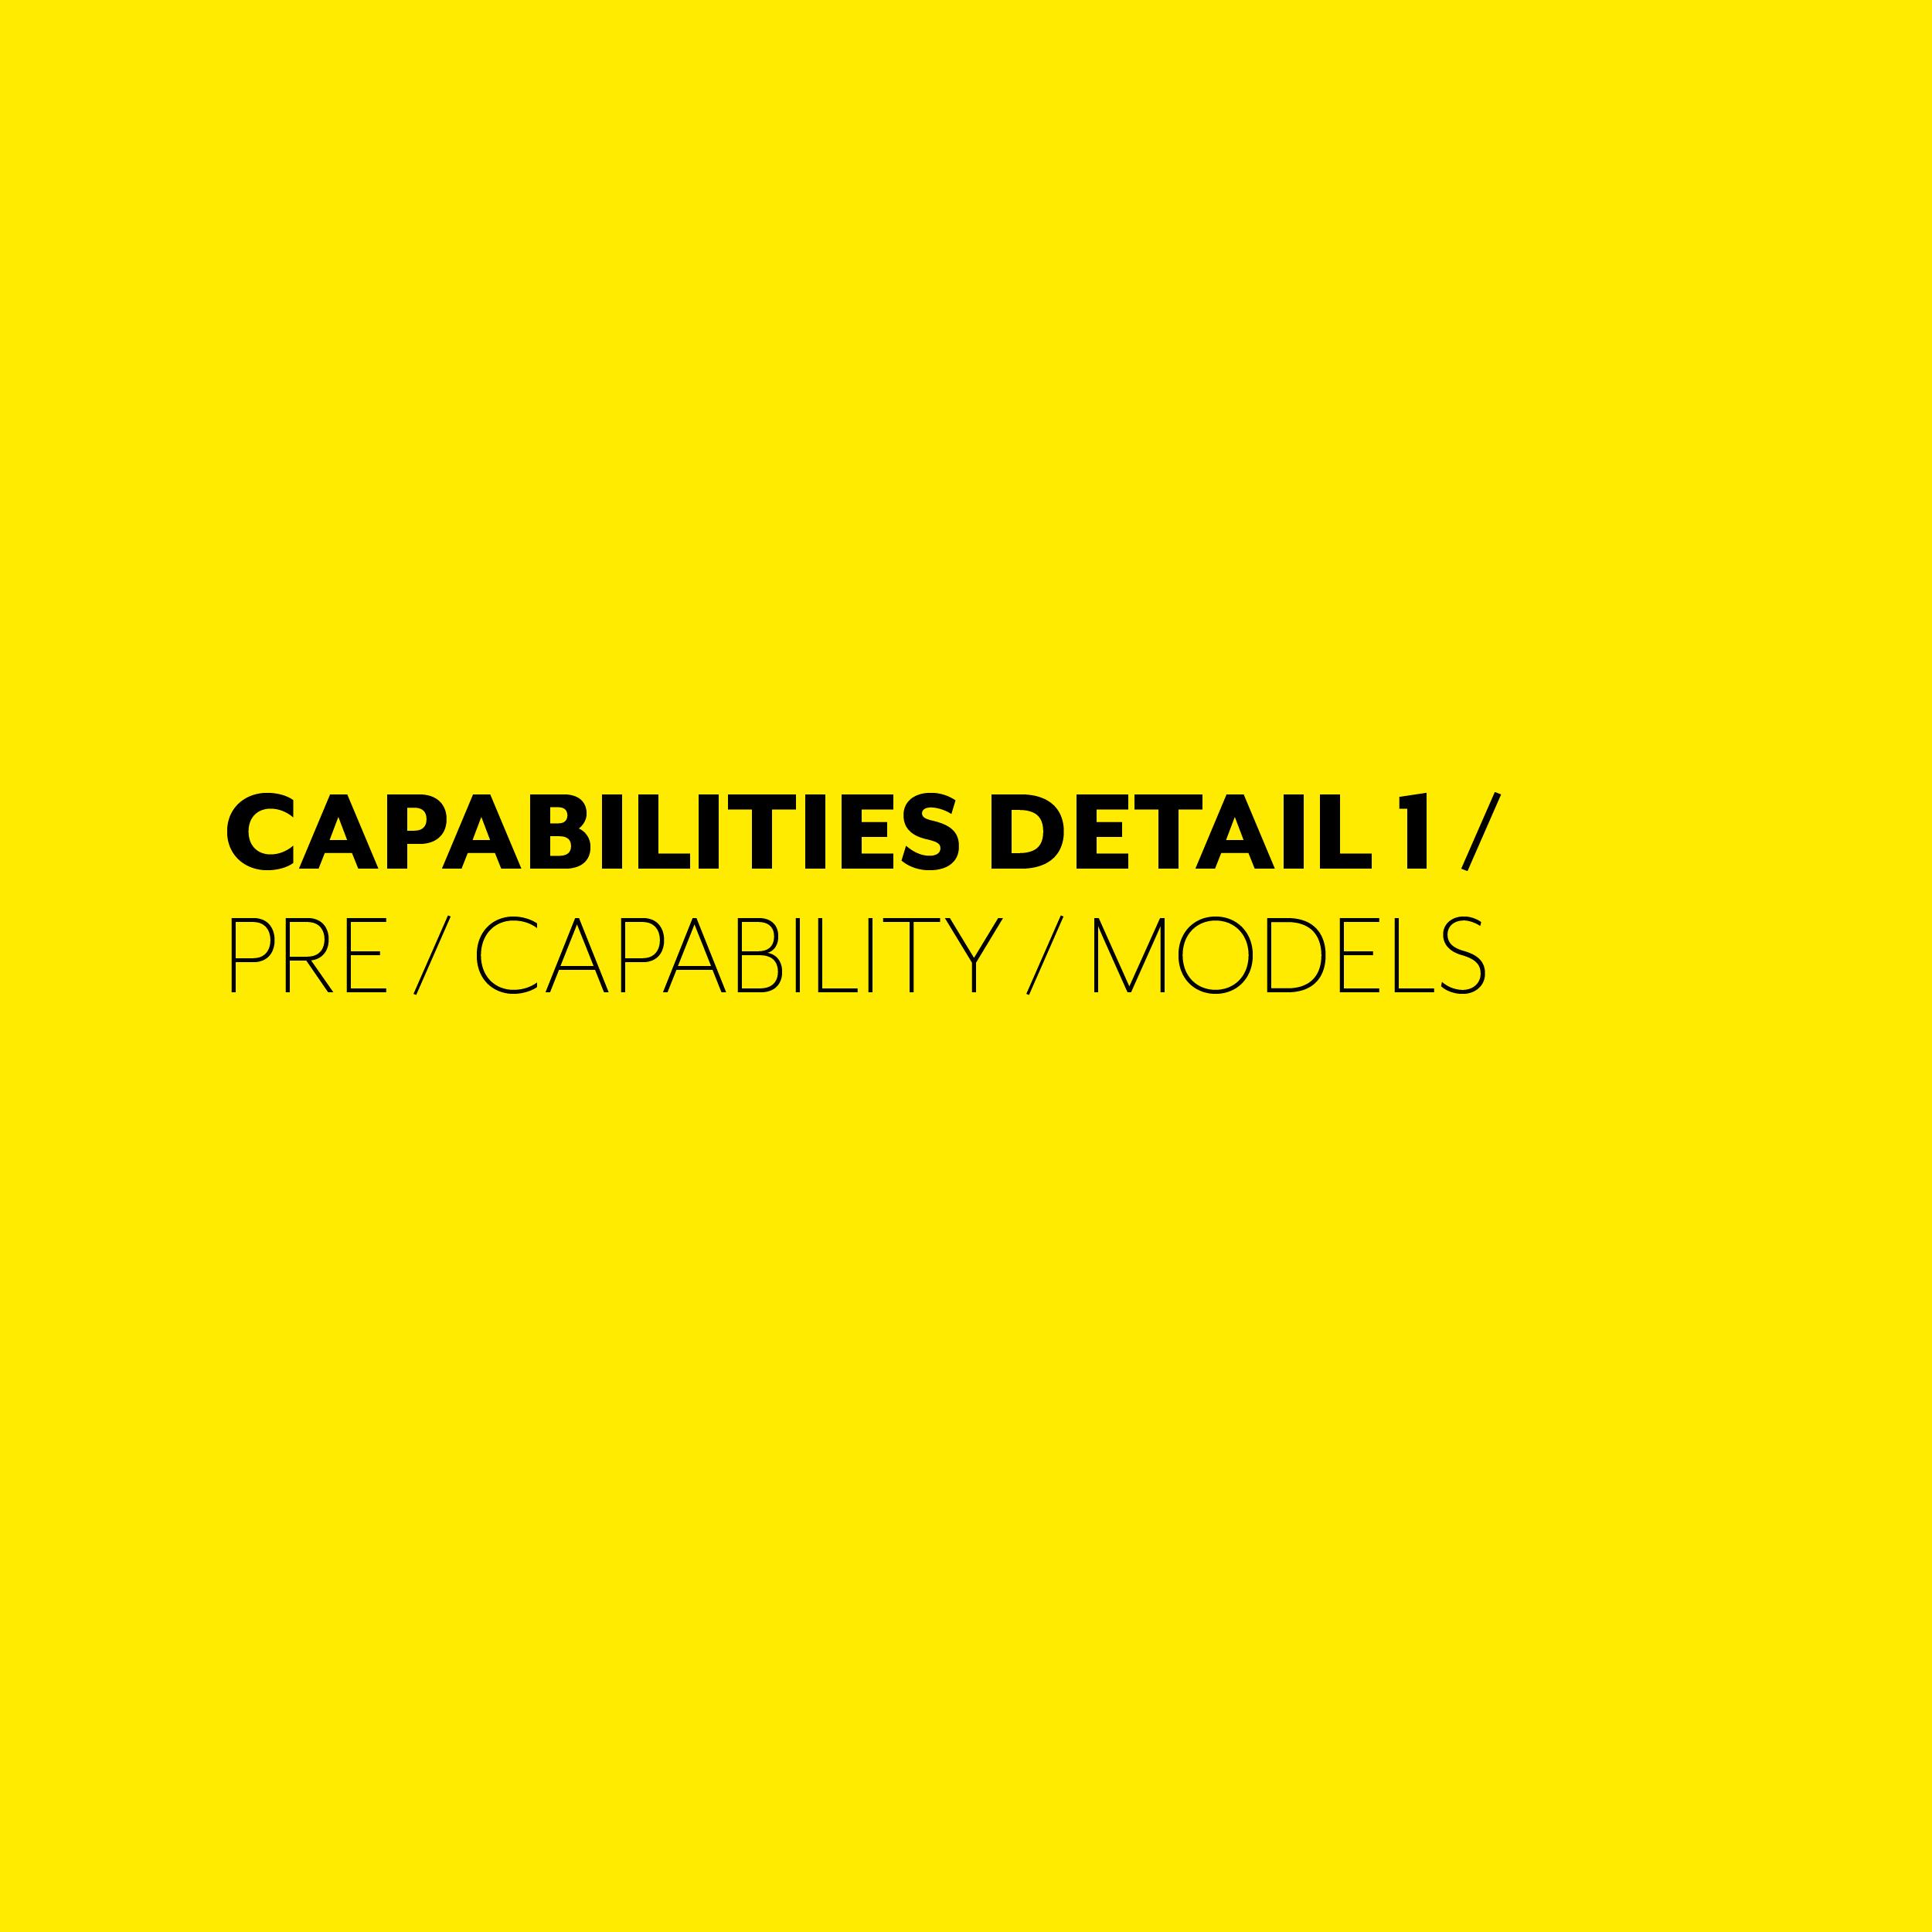 CAPABILITIES DETAIL 1.jpg